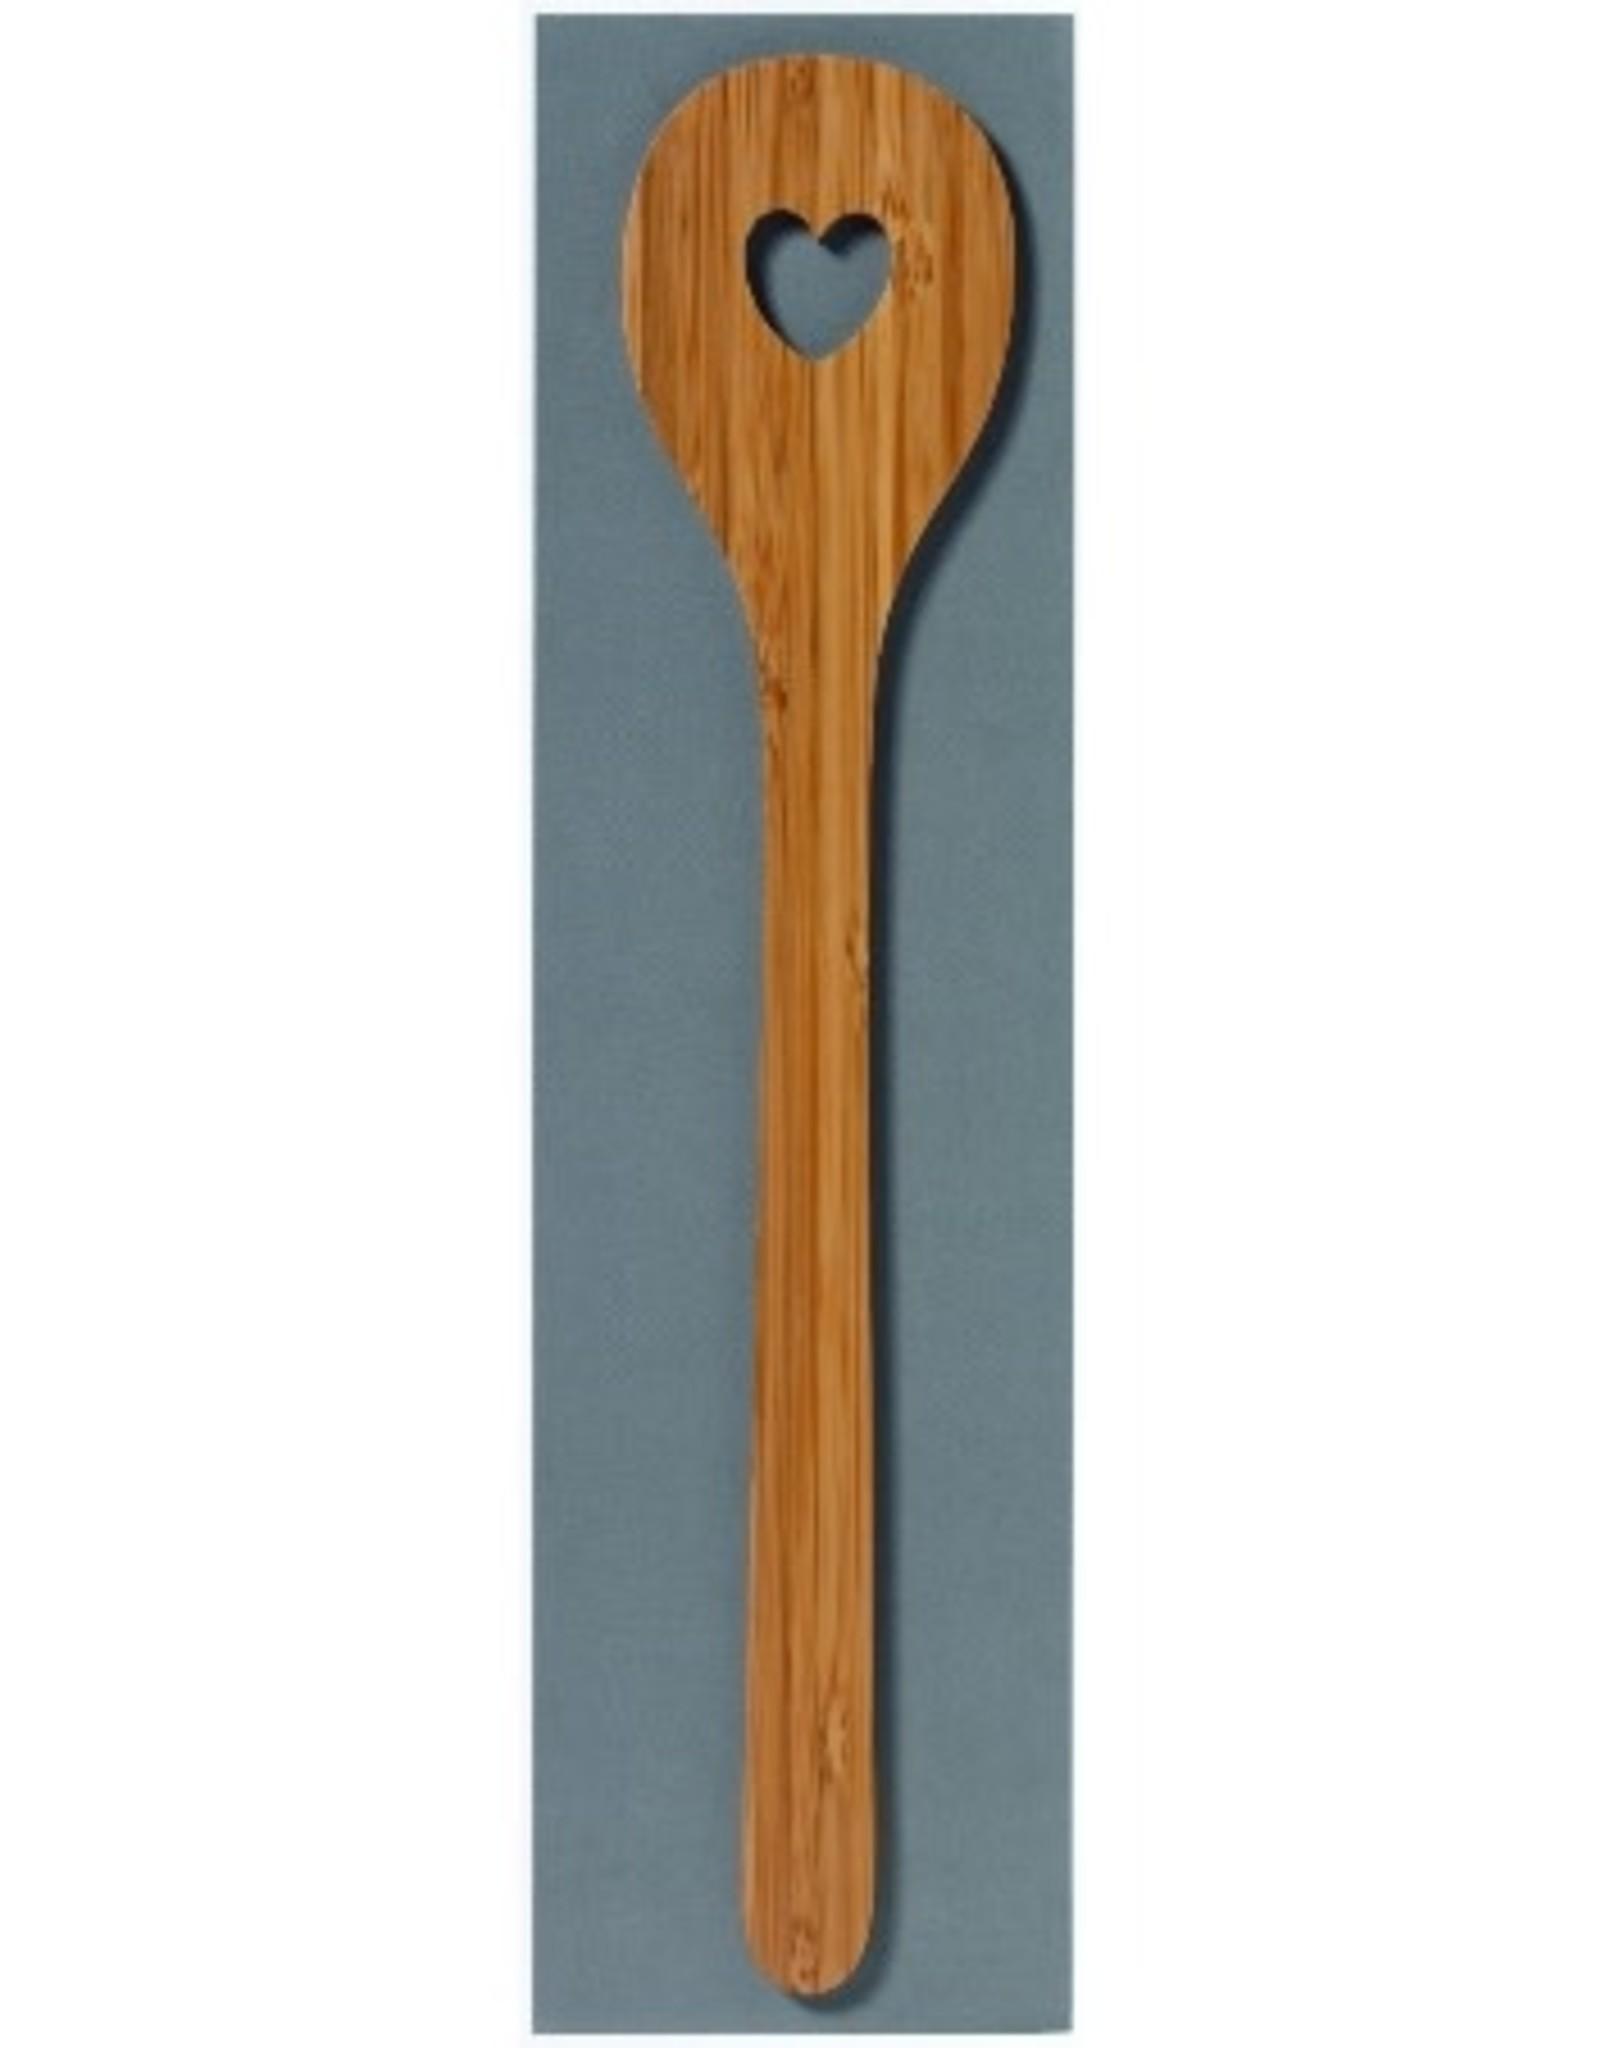 Räder Bamboo Pollepel Hart - Räder